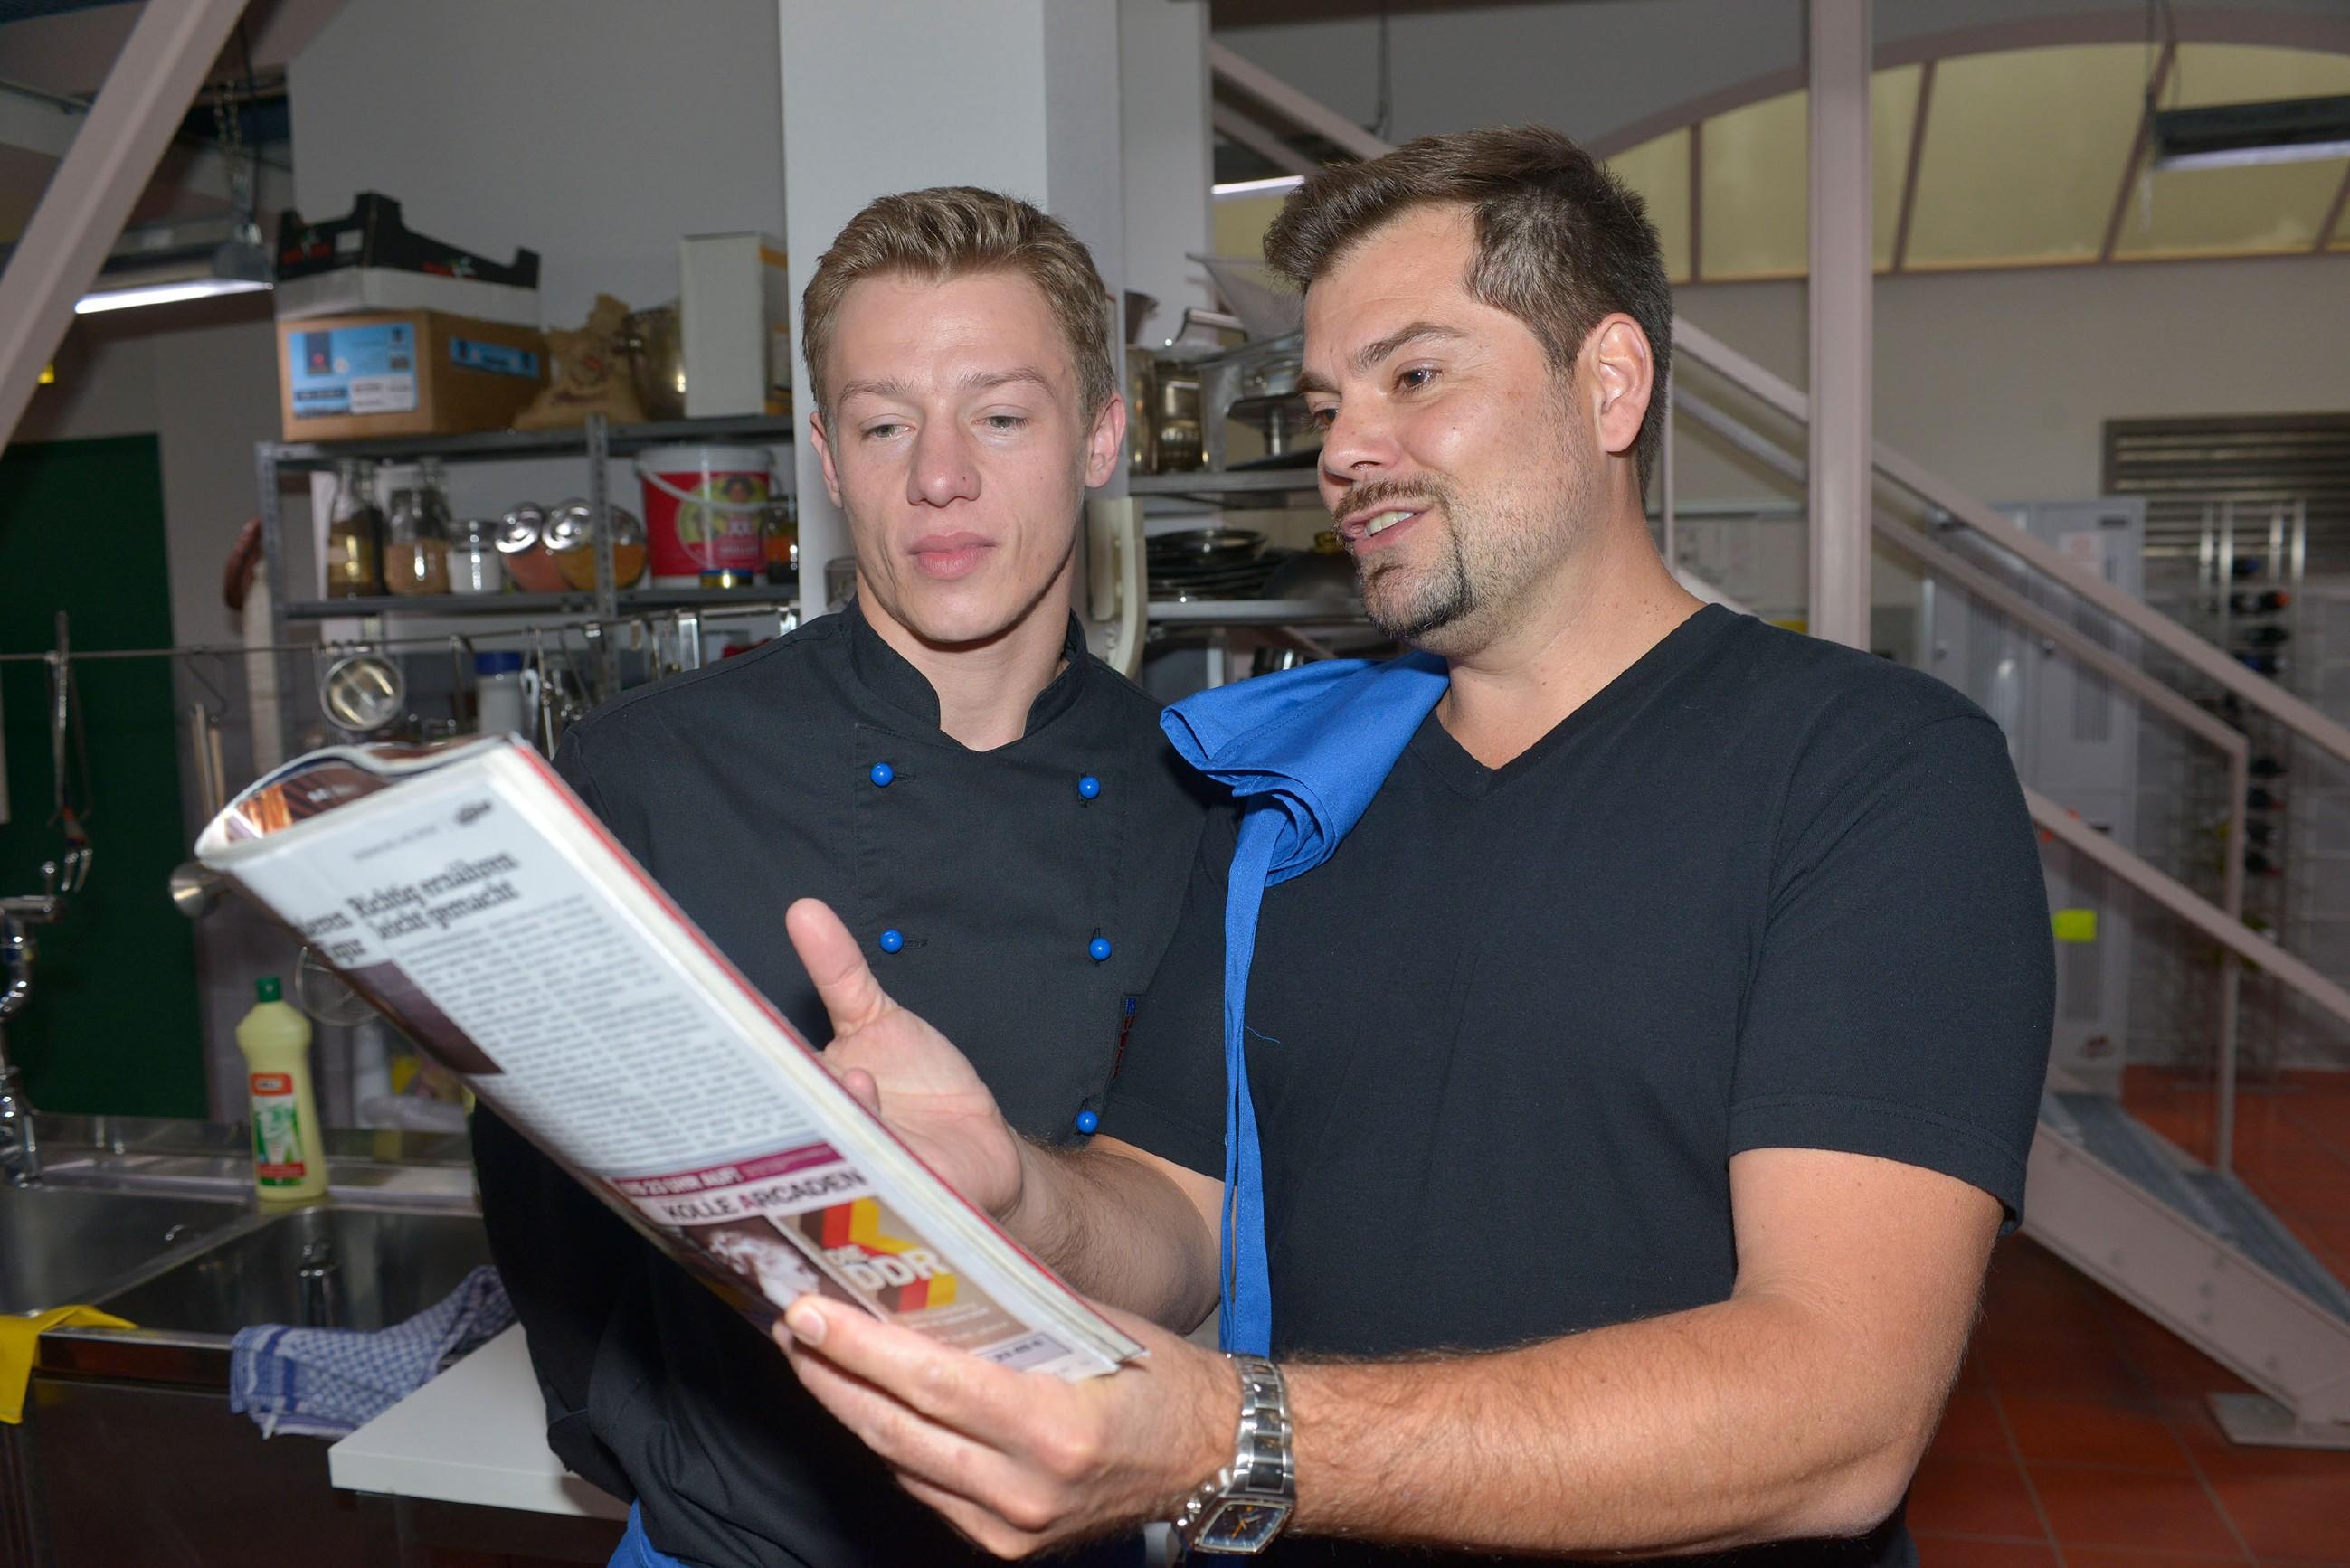 Als Leon (Daniel Fehlow) merkt, dass er Vince' (Vincent Krüger) Leidenschaft fürs Kochen unterschätzt hat, macht er ihm ein Angebot.